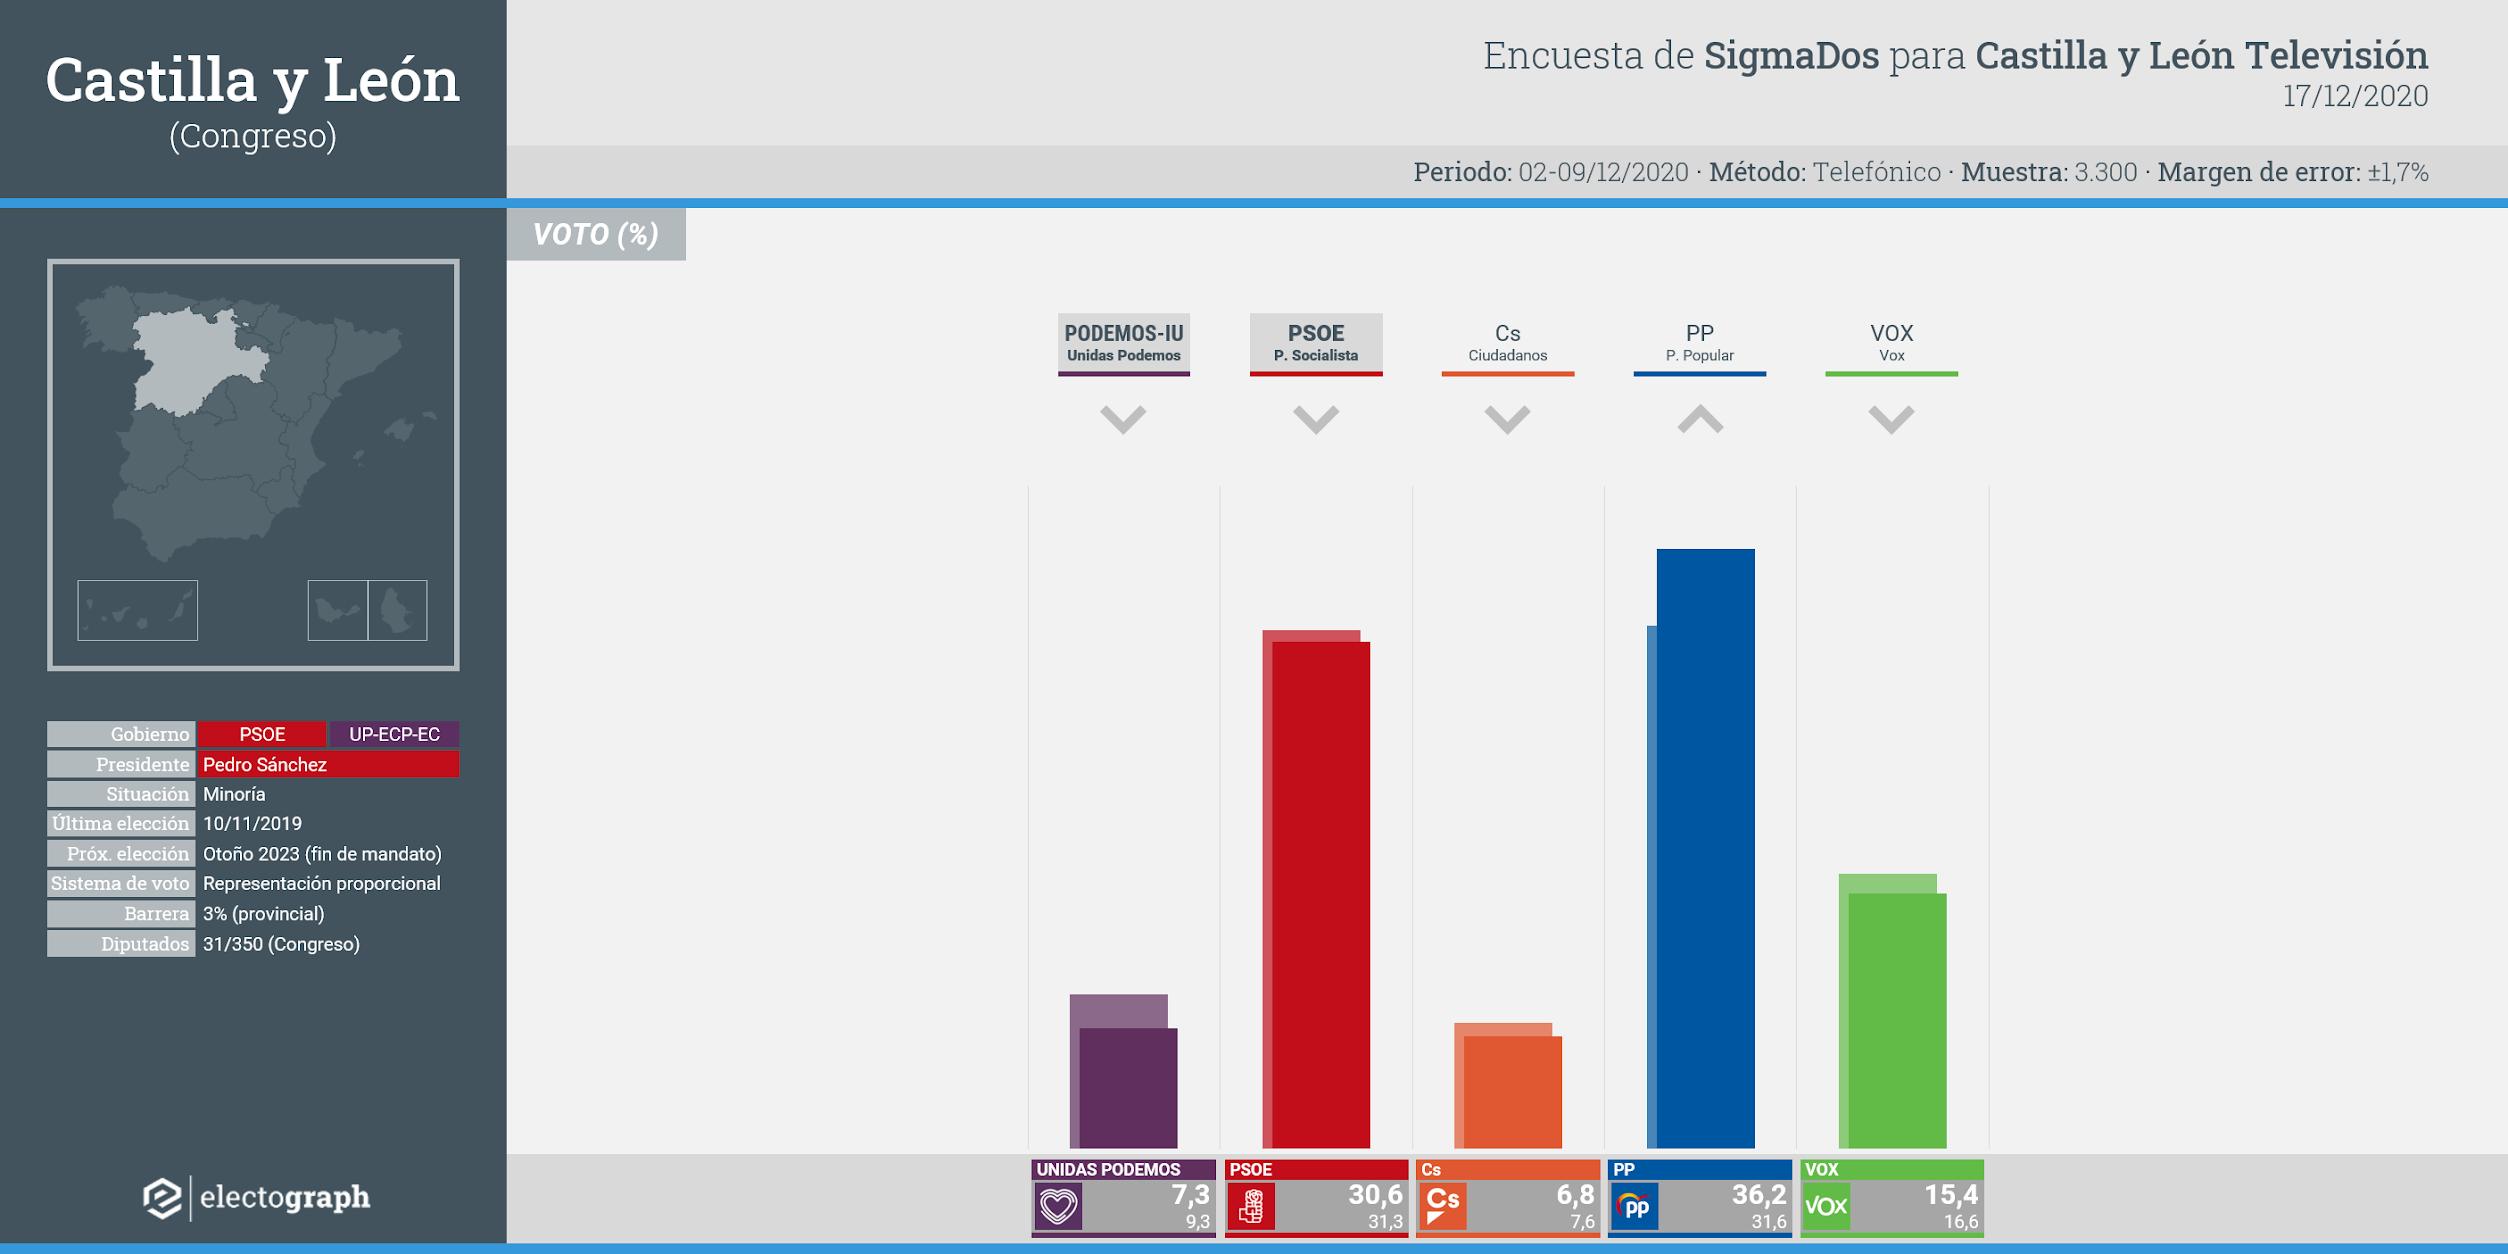 Gráfico de la encuesta para elecciones generales en Castilla y León realizada por SigmaDos para Castilla y León Televisión, 17 de diciembre de 2020